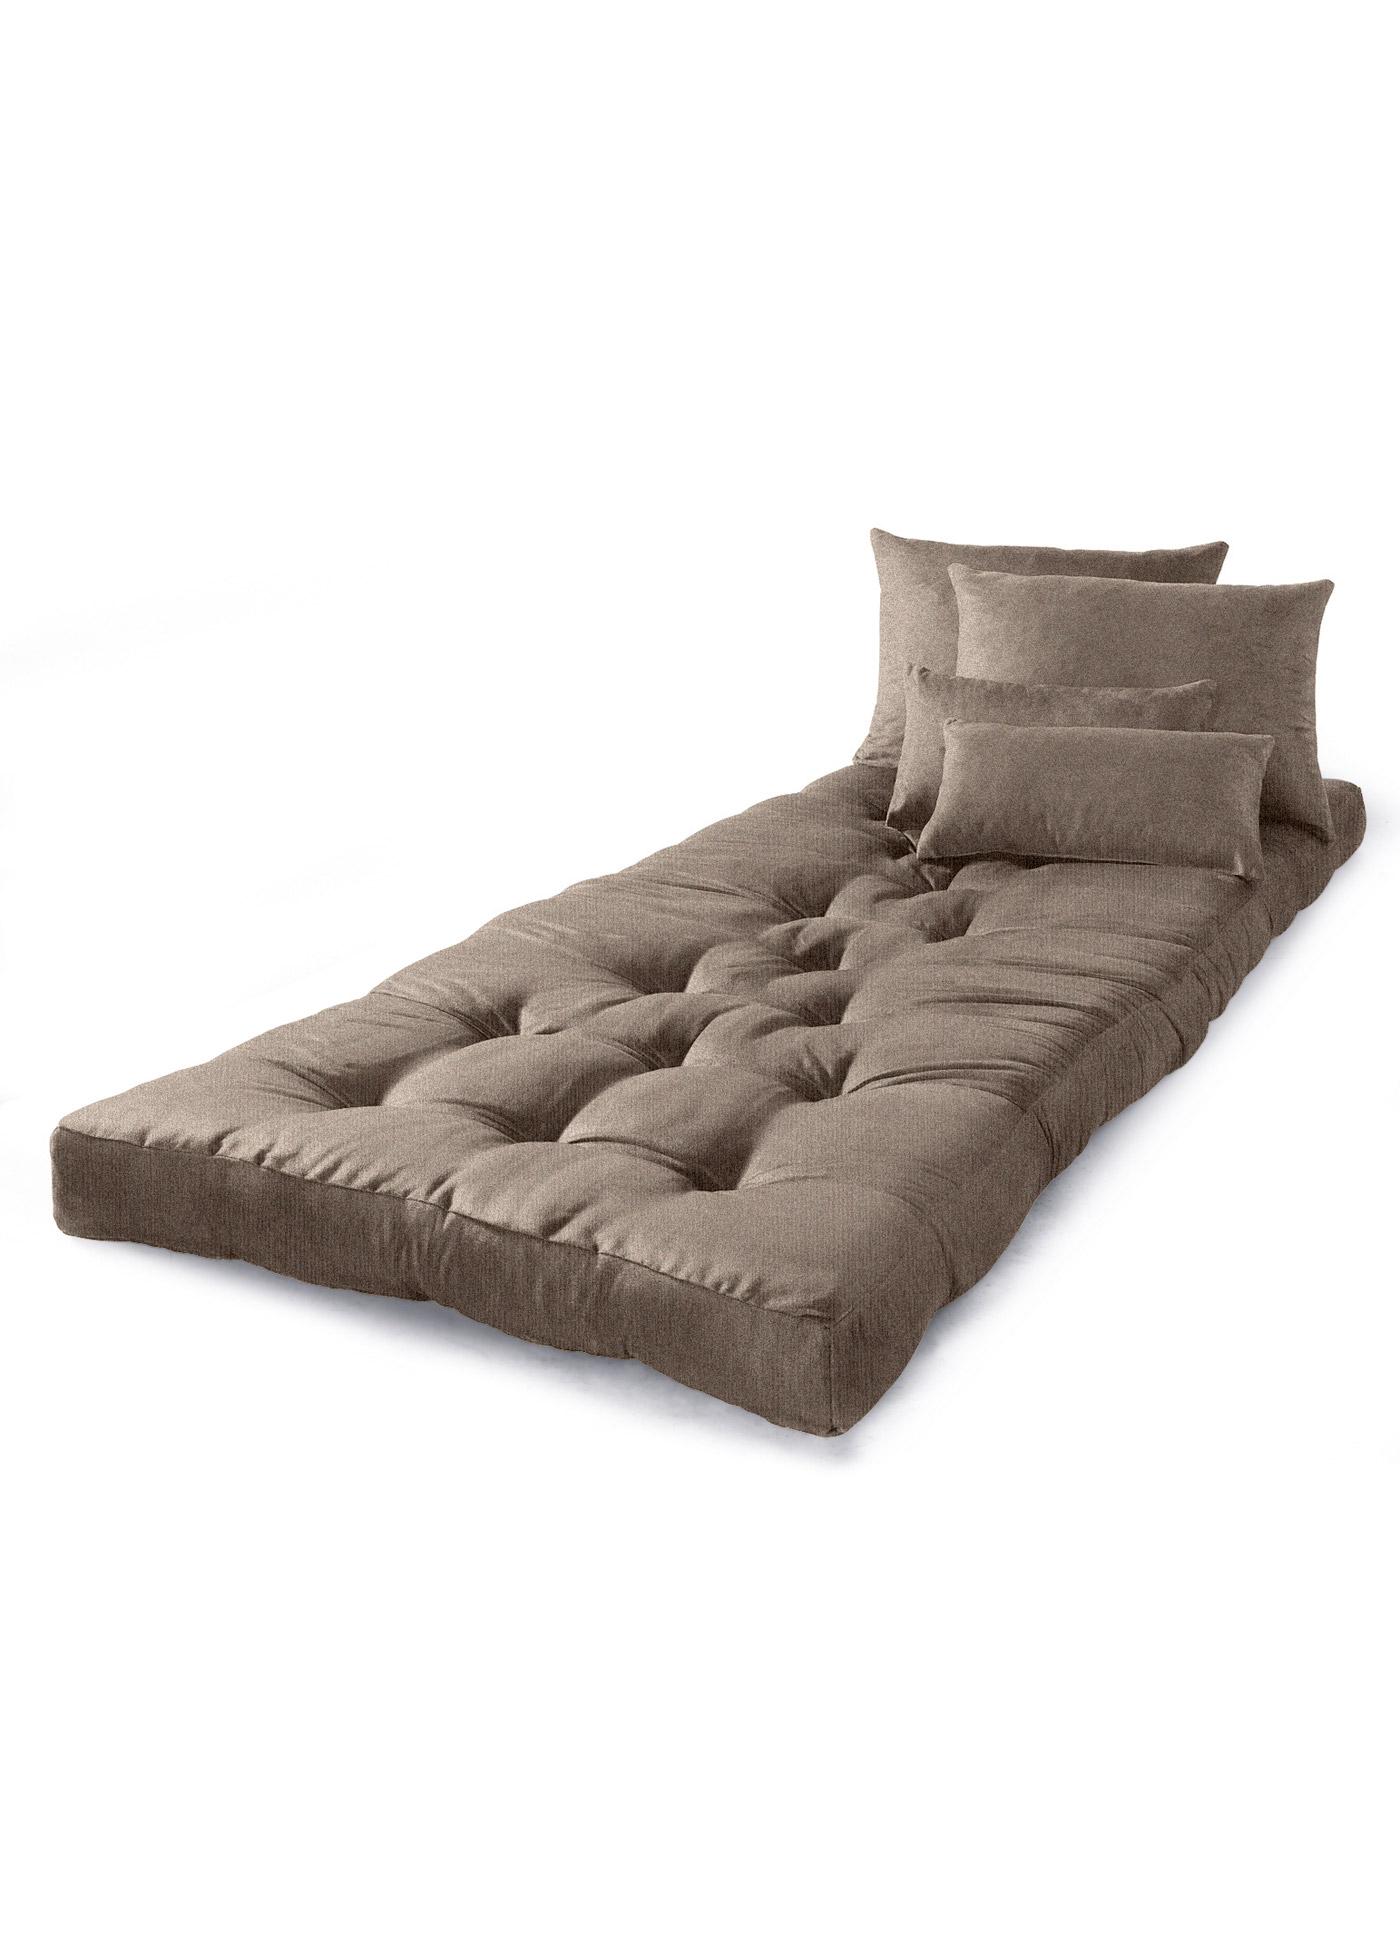 achat matelas canap matelas literie maison et jardin discount page 1. Black Bedroom Furniture Sets. Home Design Ideas